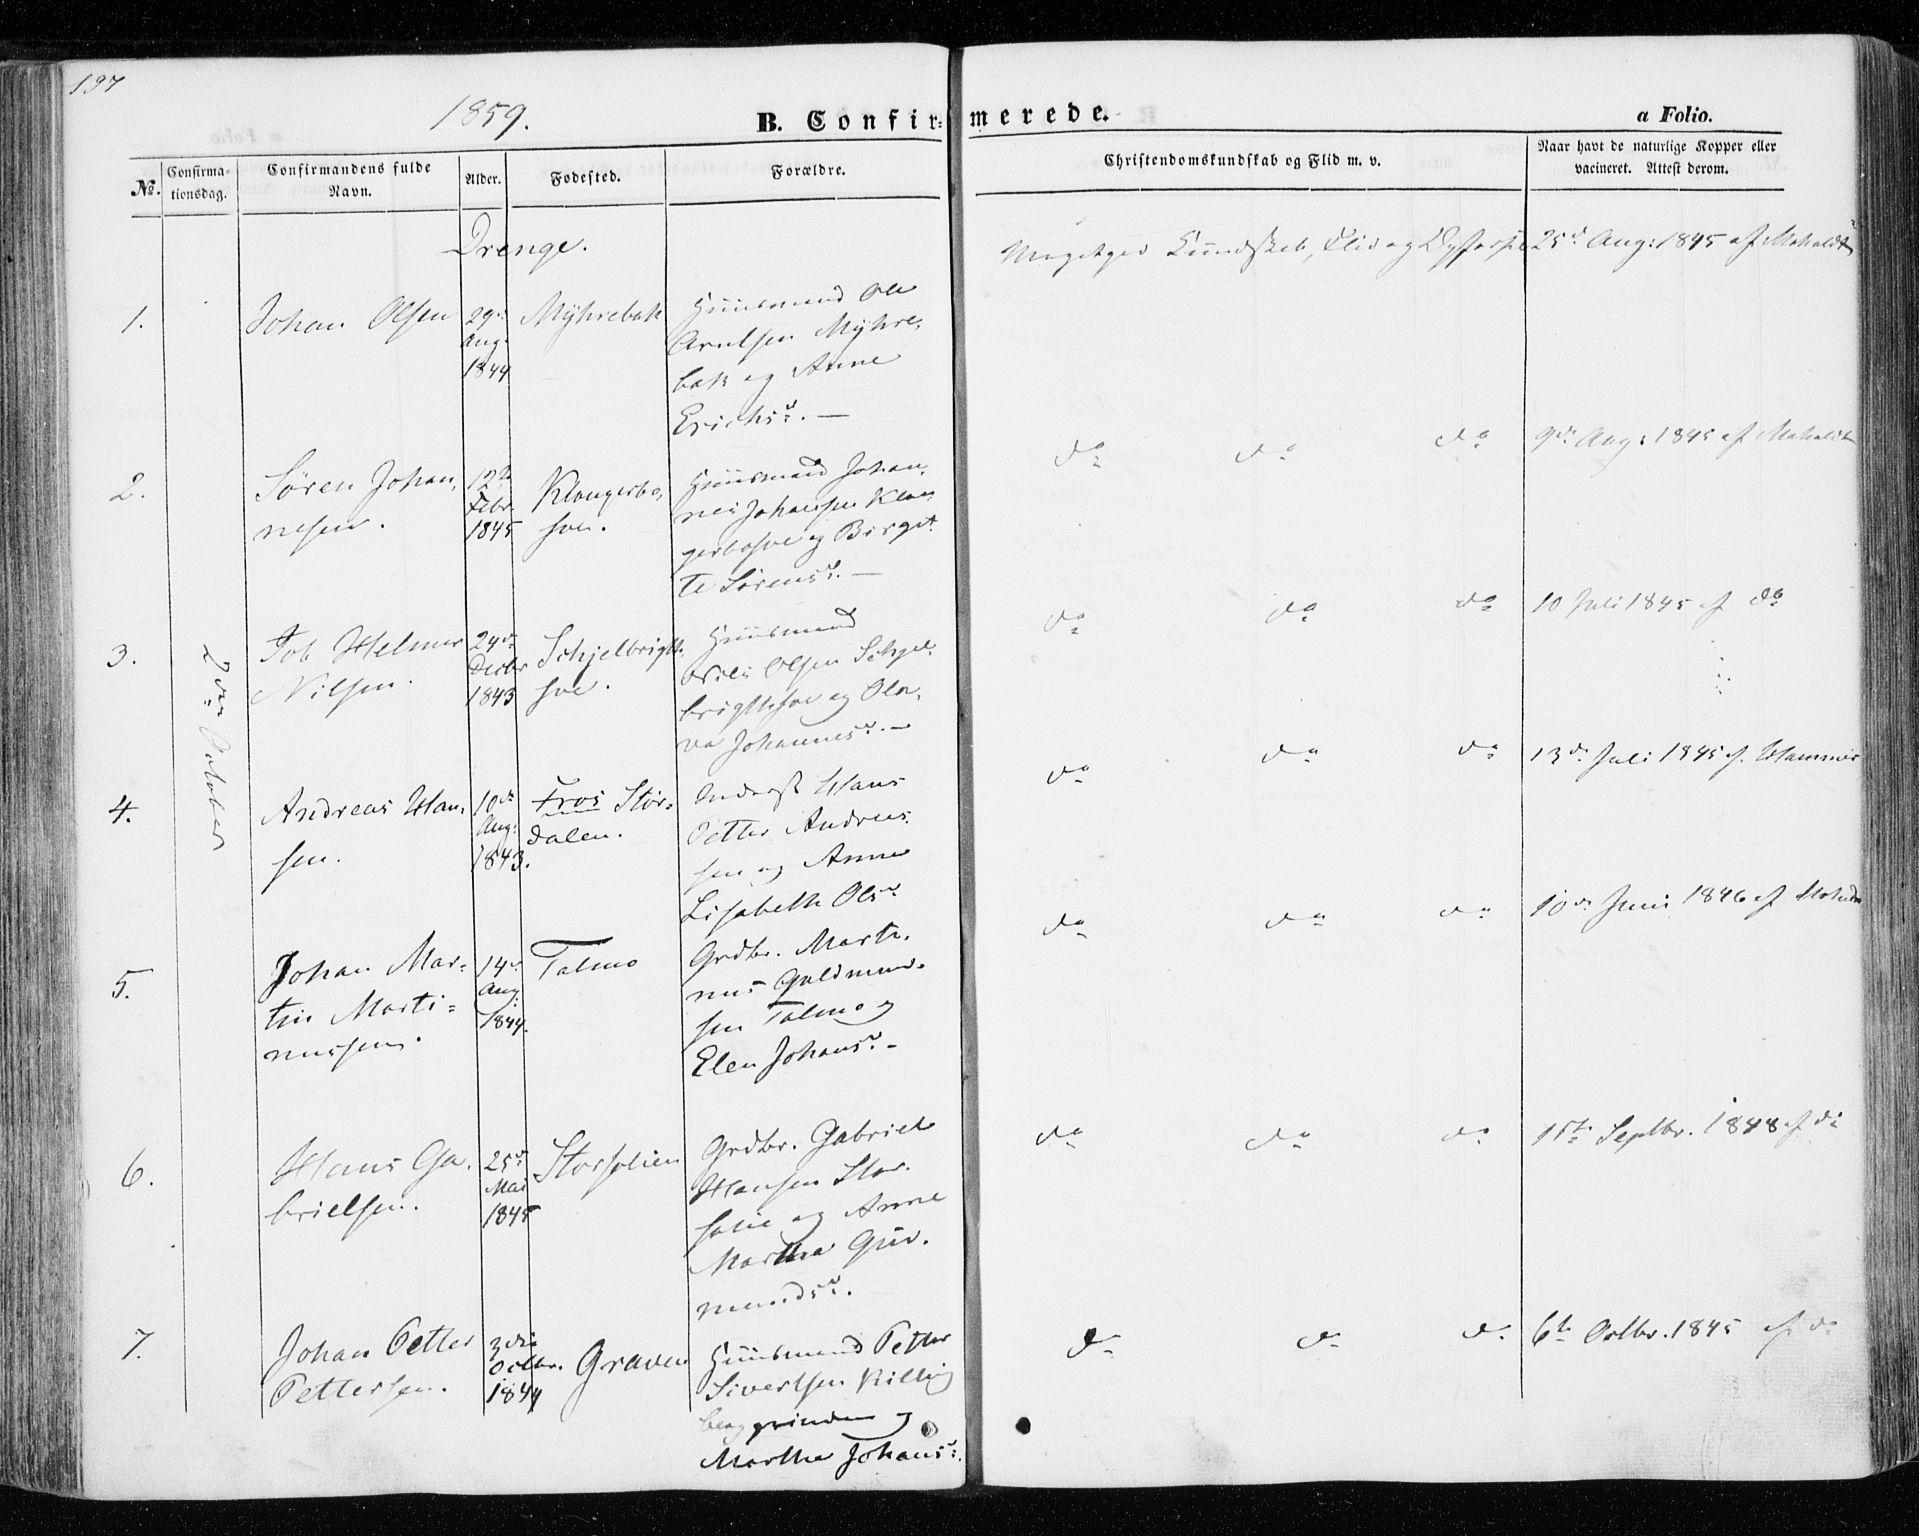 SAT, Ministerialprotokoller, klokkerbøker og fødselsregistre - Nord-Trøndelag, 701/L0008: Ministerialbok nr. 701A08 /1, 1854-1863, s. 197